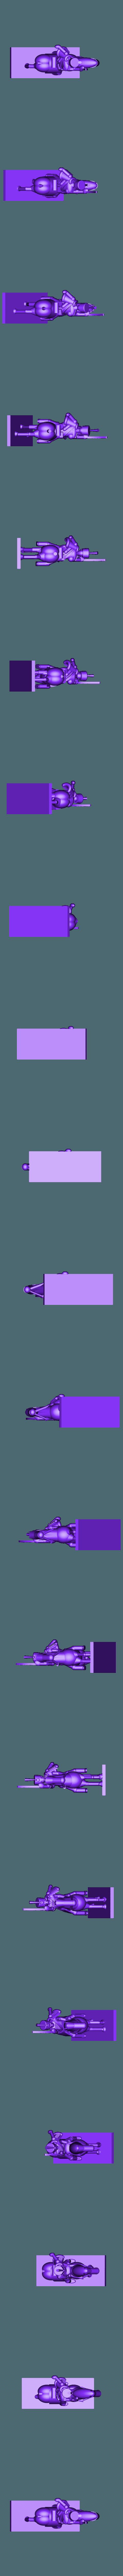 fr_hussar1c.stl Télécharger fichier STL gratuit Napoléoniens - 2ème partie - Français / Alliés Cavalerie • Plan imprimable en 3D, Earsling